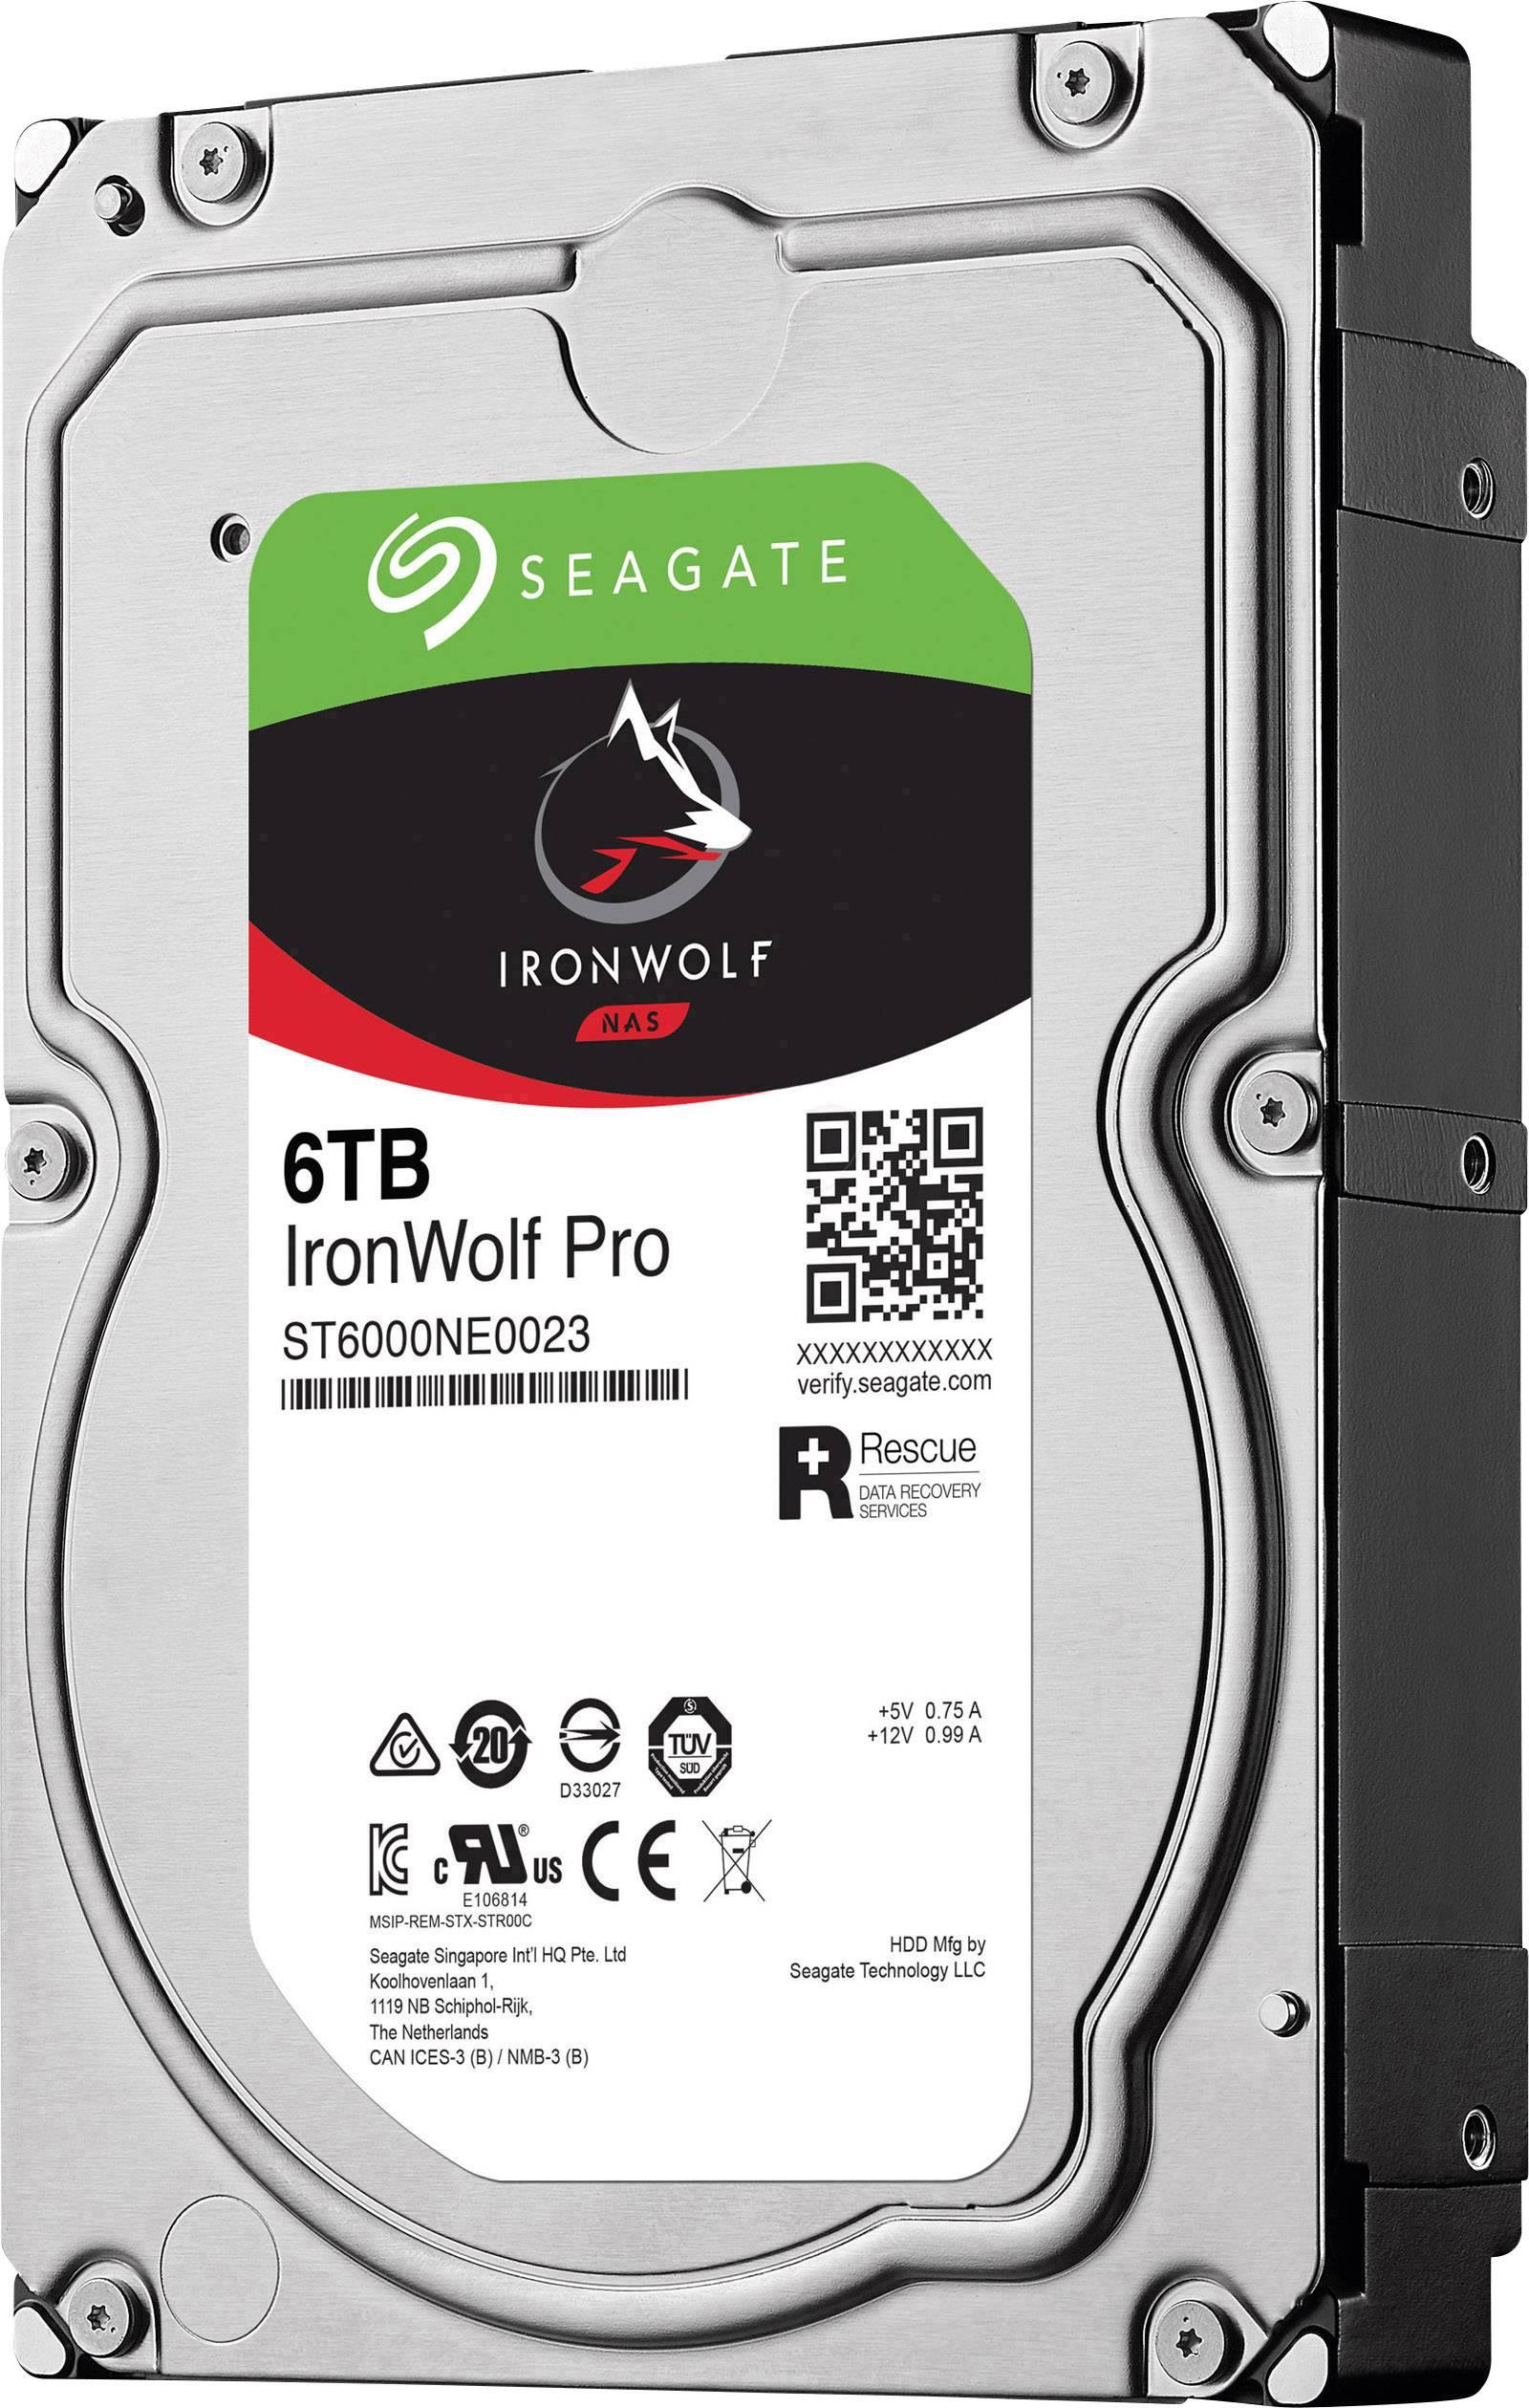 Seagate ST6000NE0023 Hard Disk